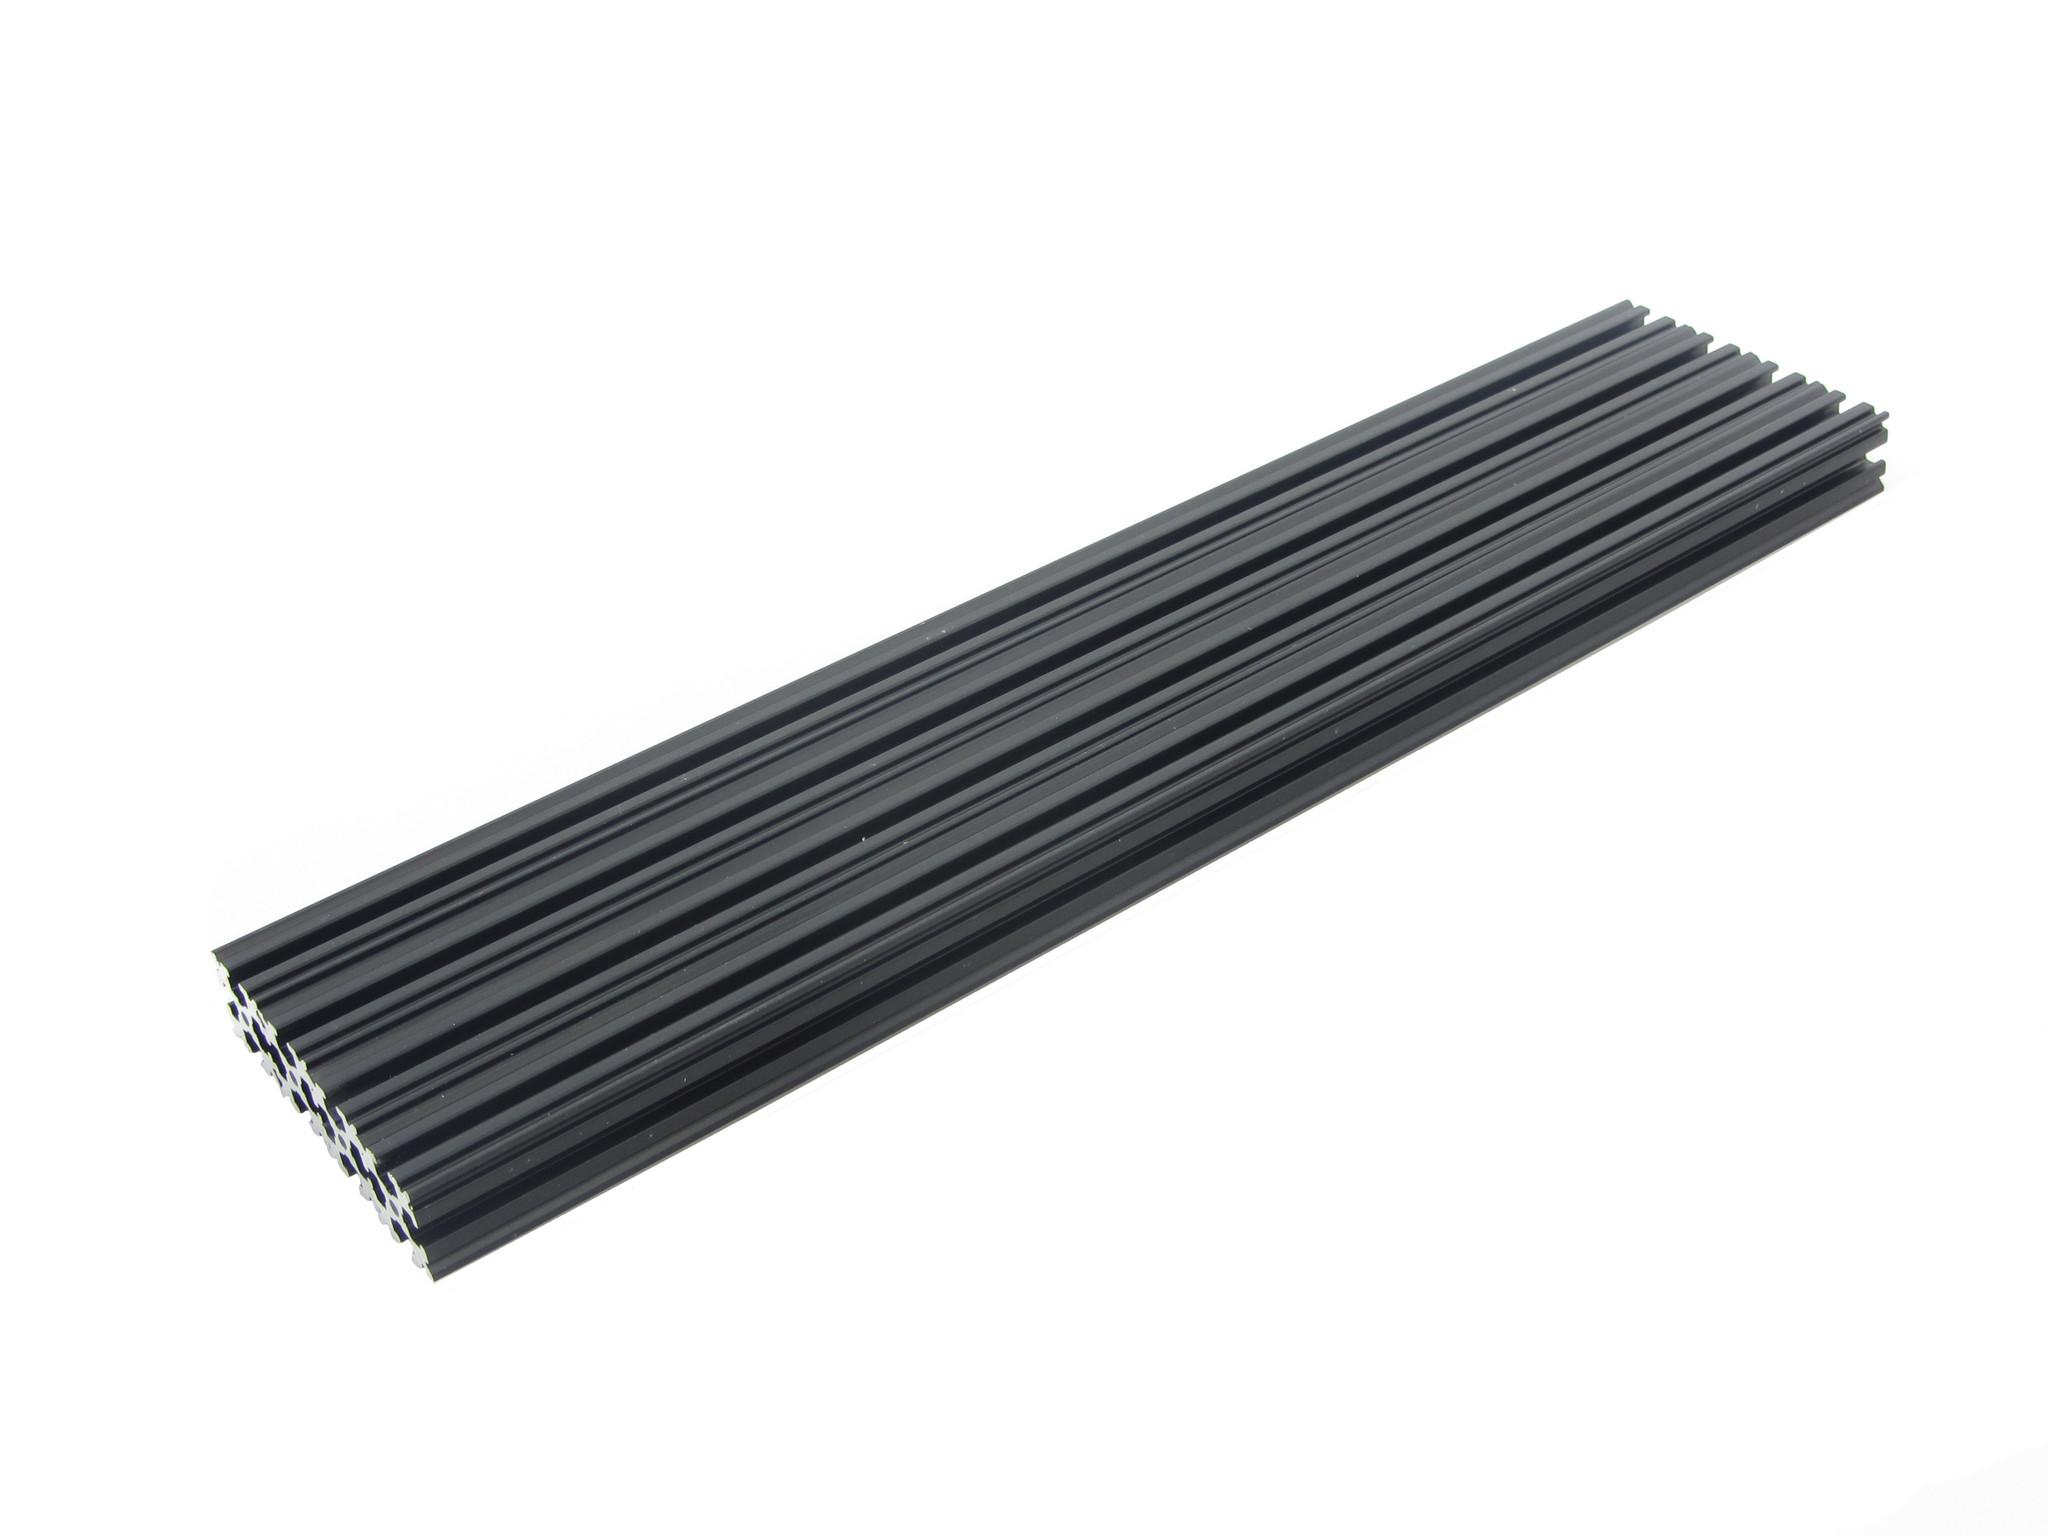 OpenBeam - 15x15mm aluminum profile 4 pieces of 270mm black anodised OpenBeam